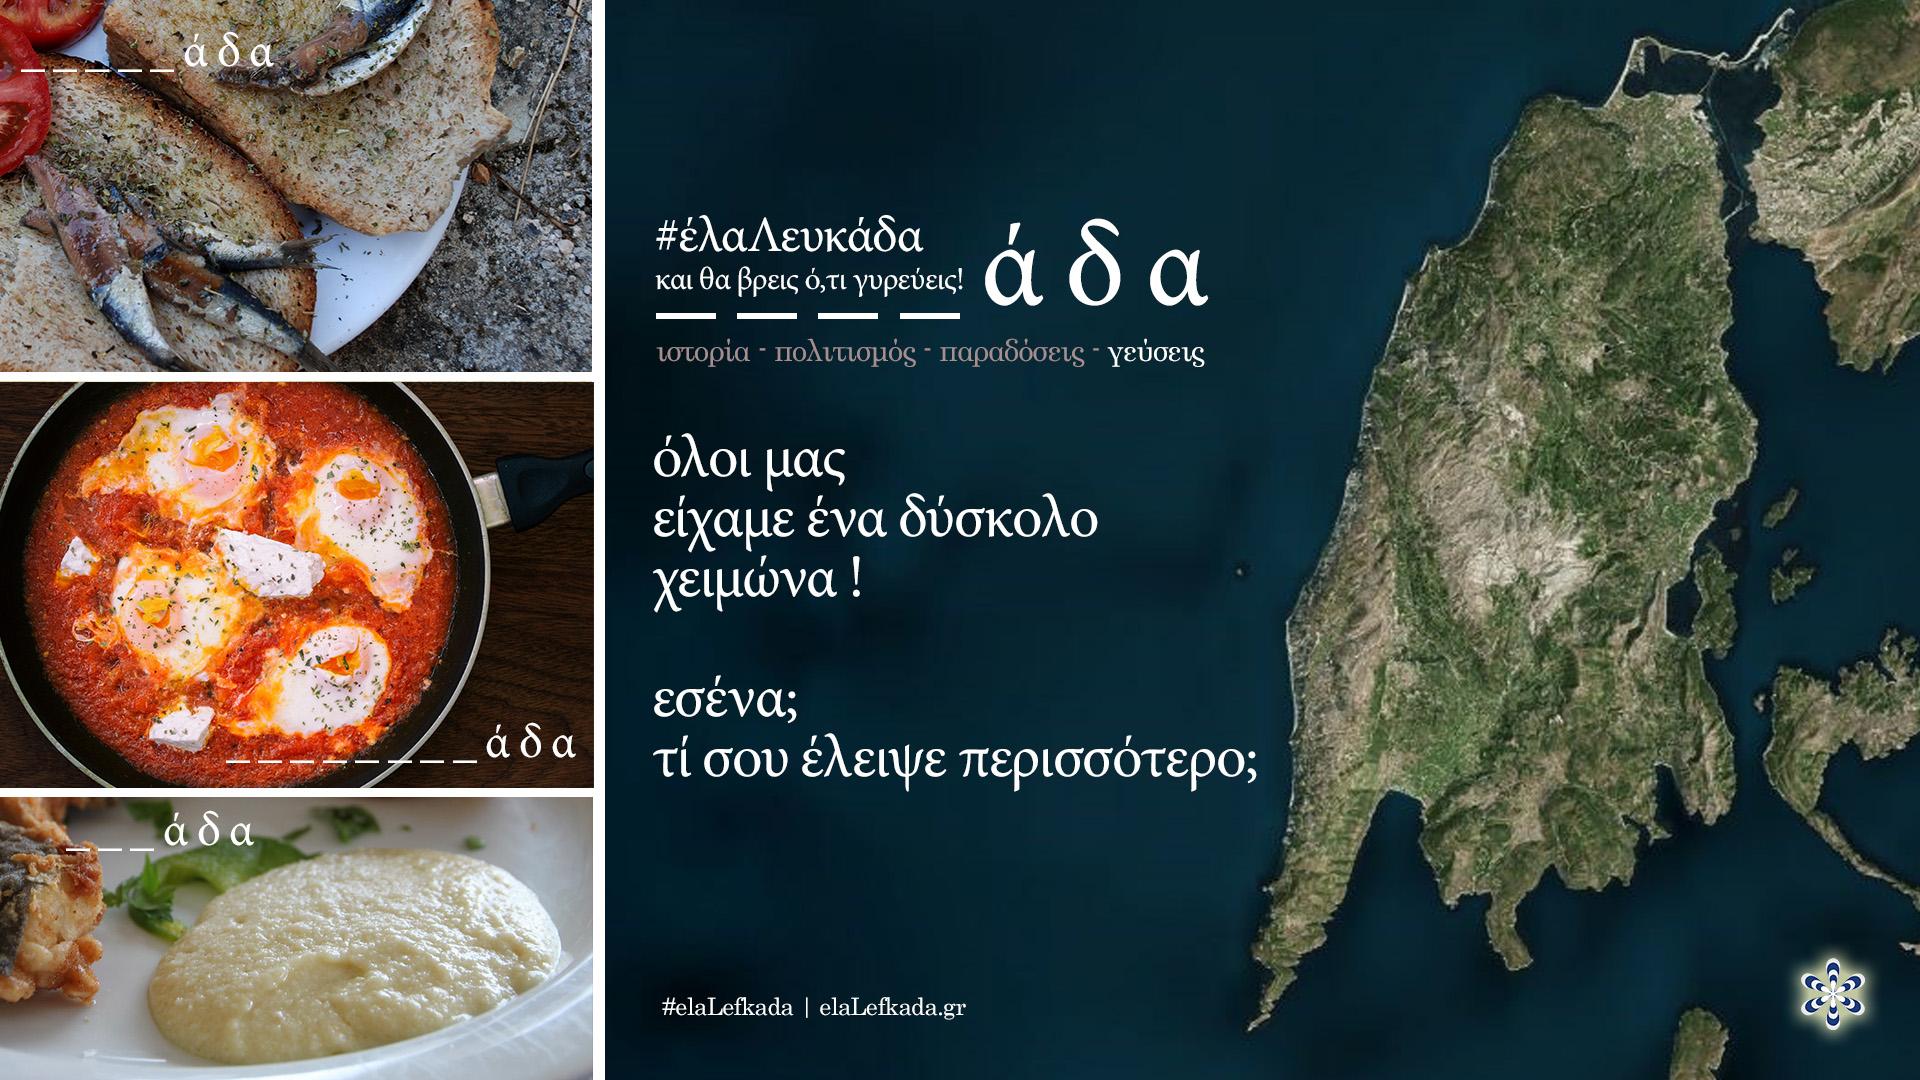 #έλαΛευκάδα - Διαφημιστική καμπάνια για τη Λευκάδα - 2020 - Astarte Media